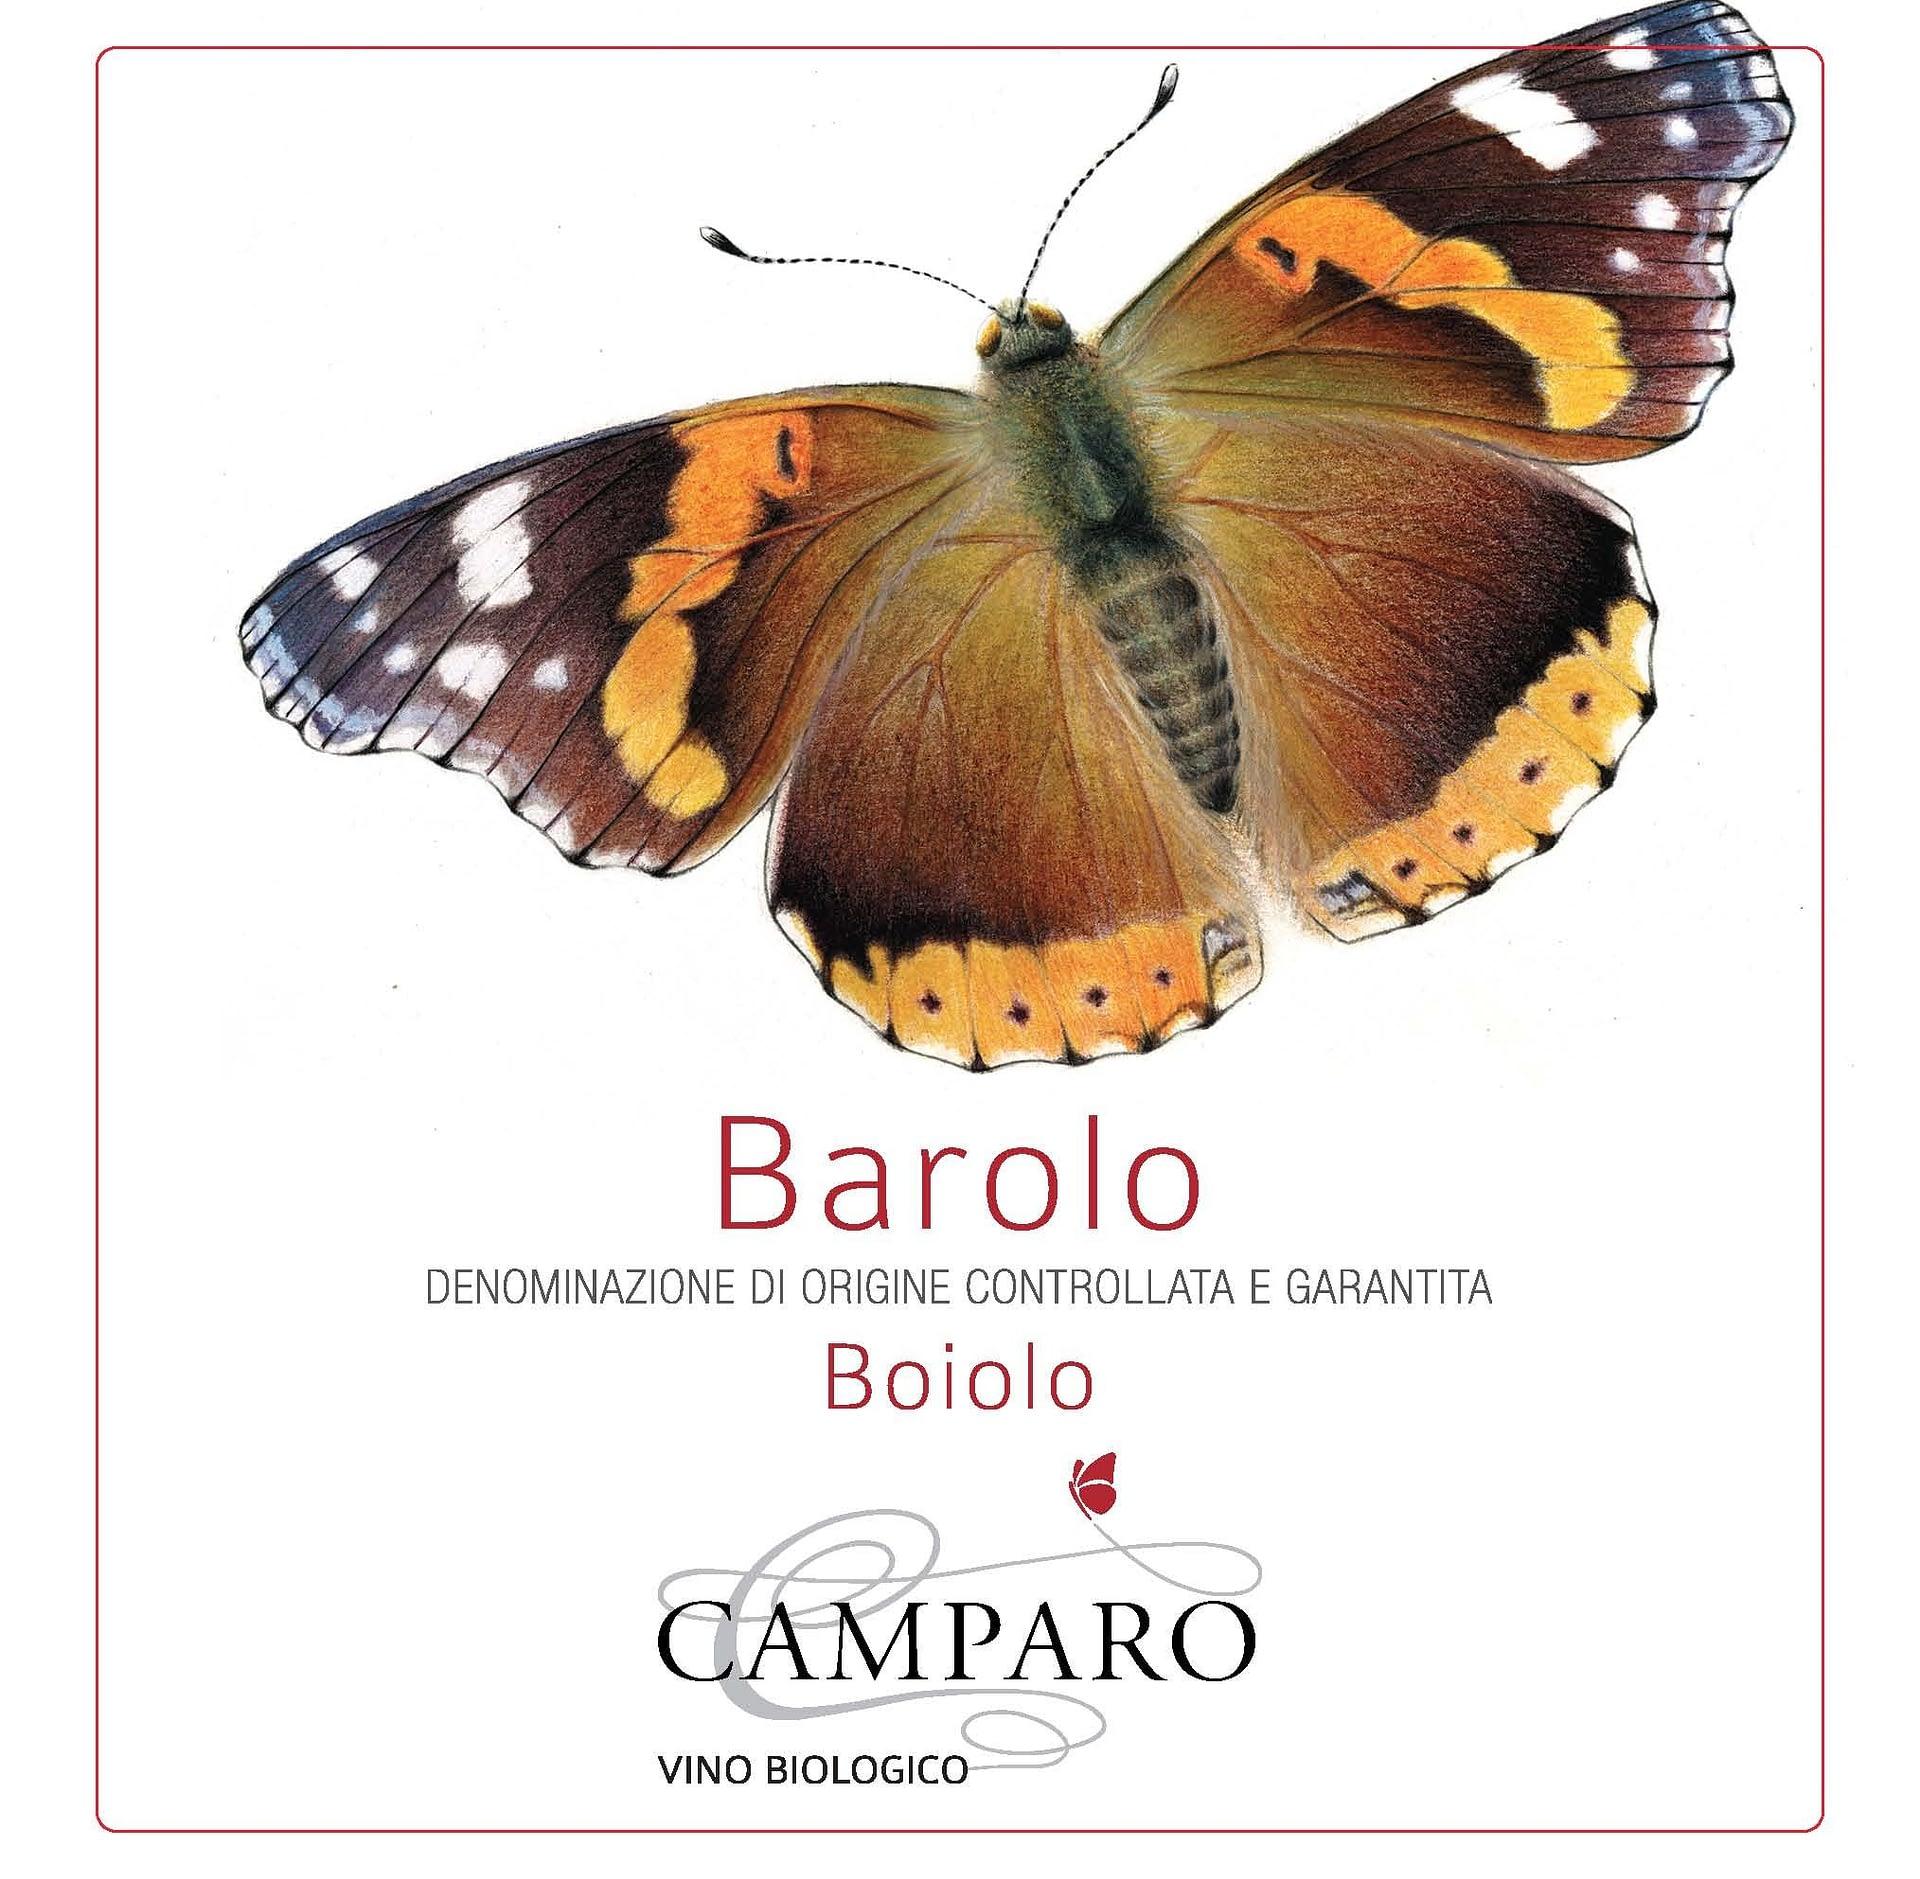 Camparo Barolo Boiolo Organic 2012